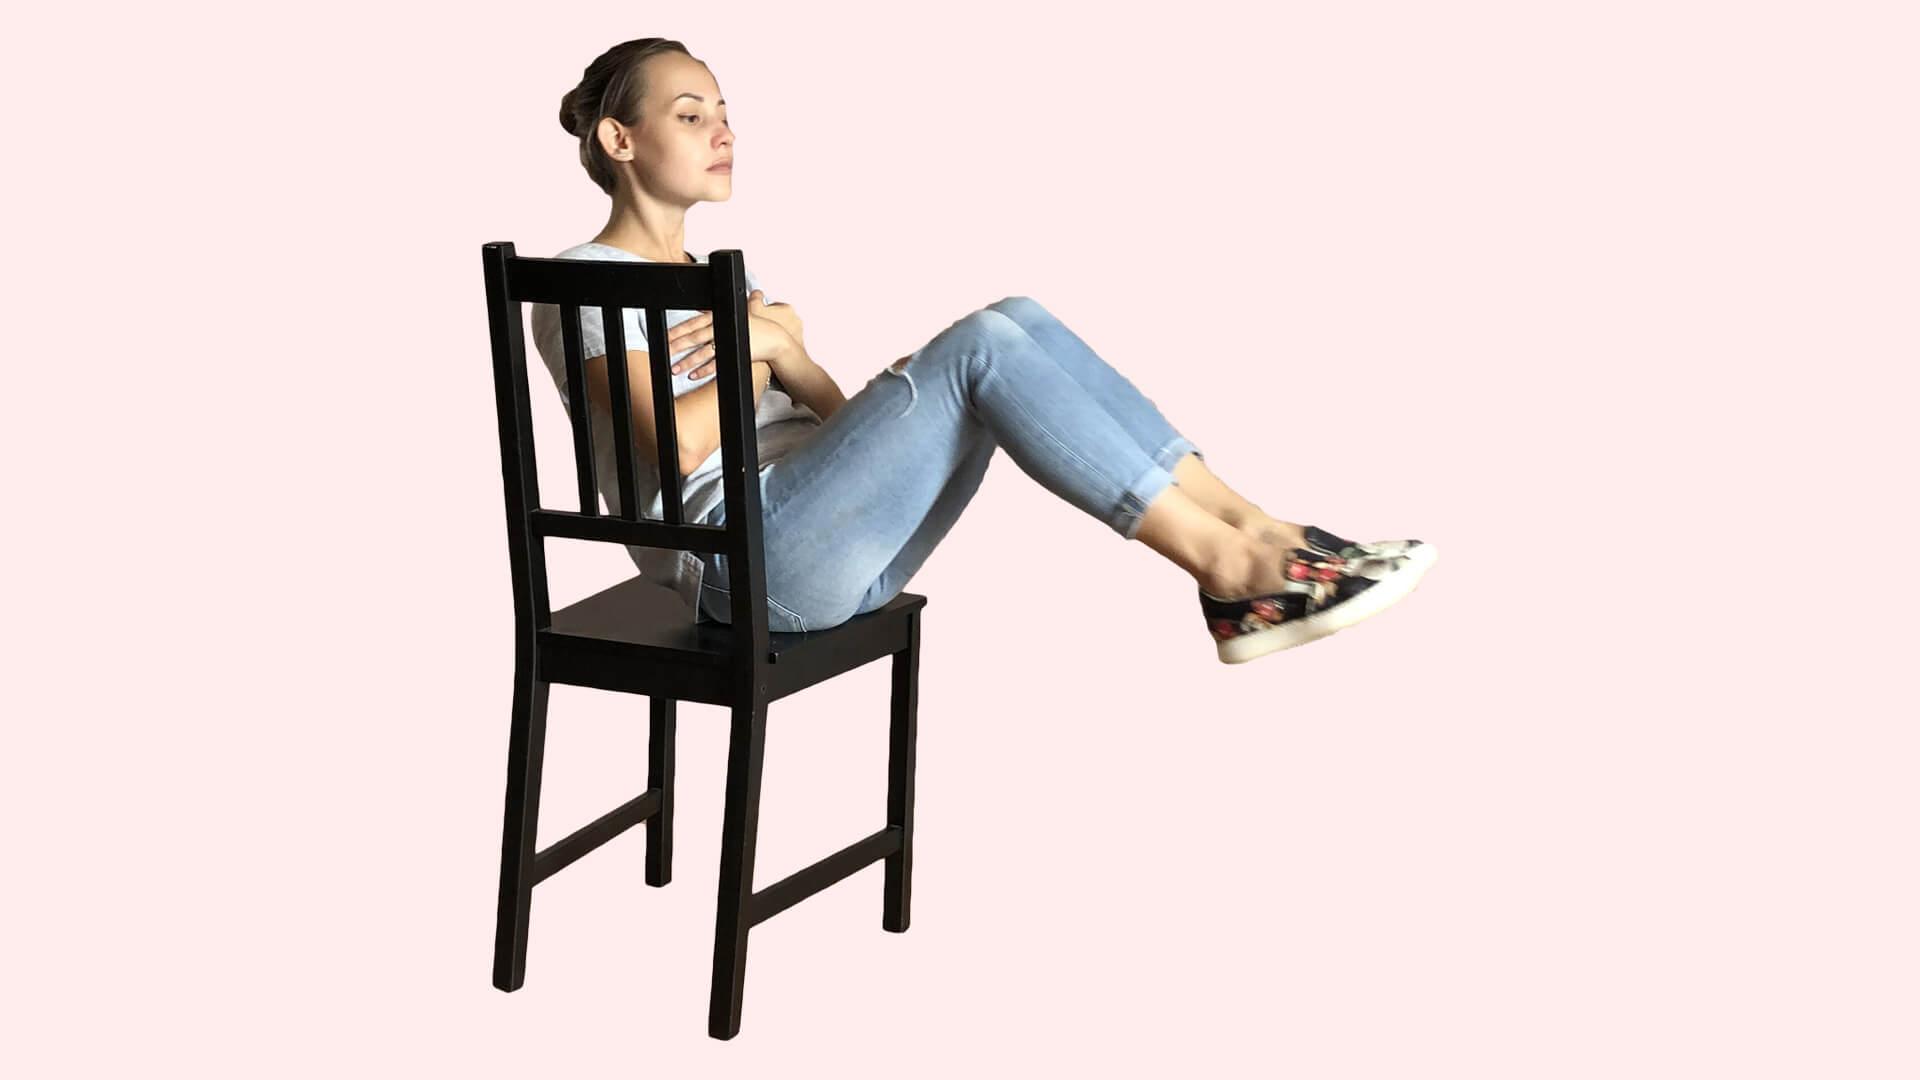 Пресс на стуле: фото.